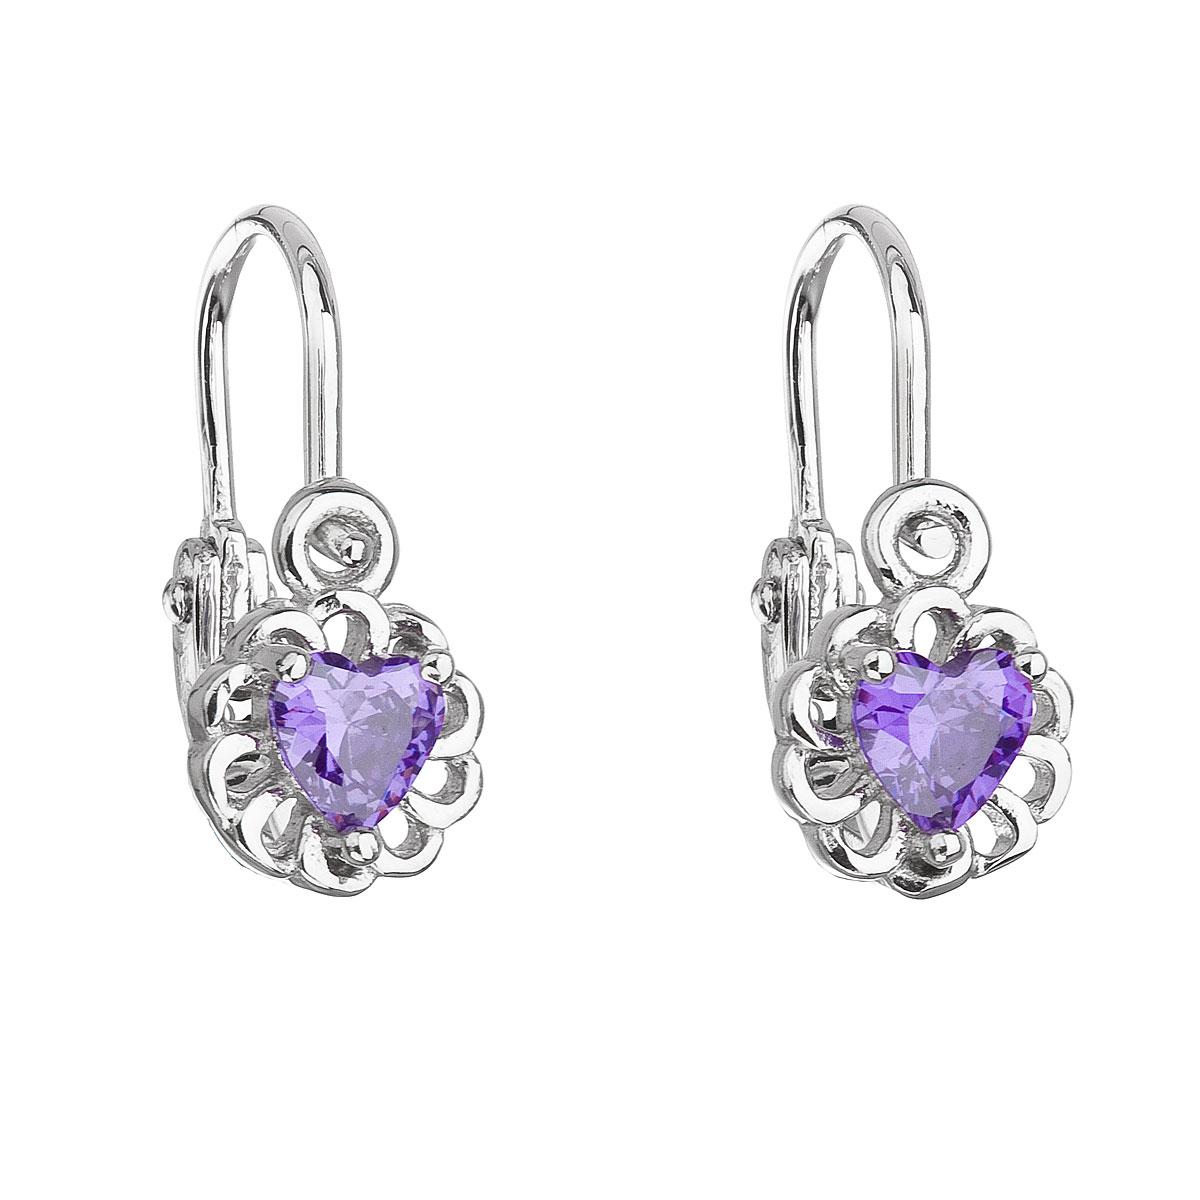 Stříbrné dětské náušnice visací se zirkonem fialové srdce 11173.3